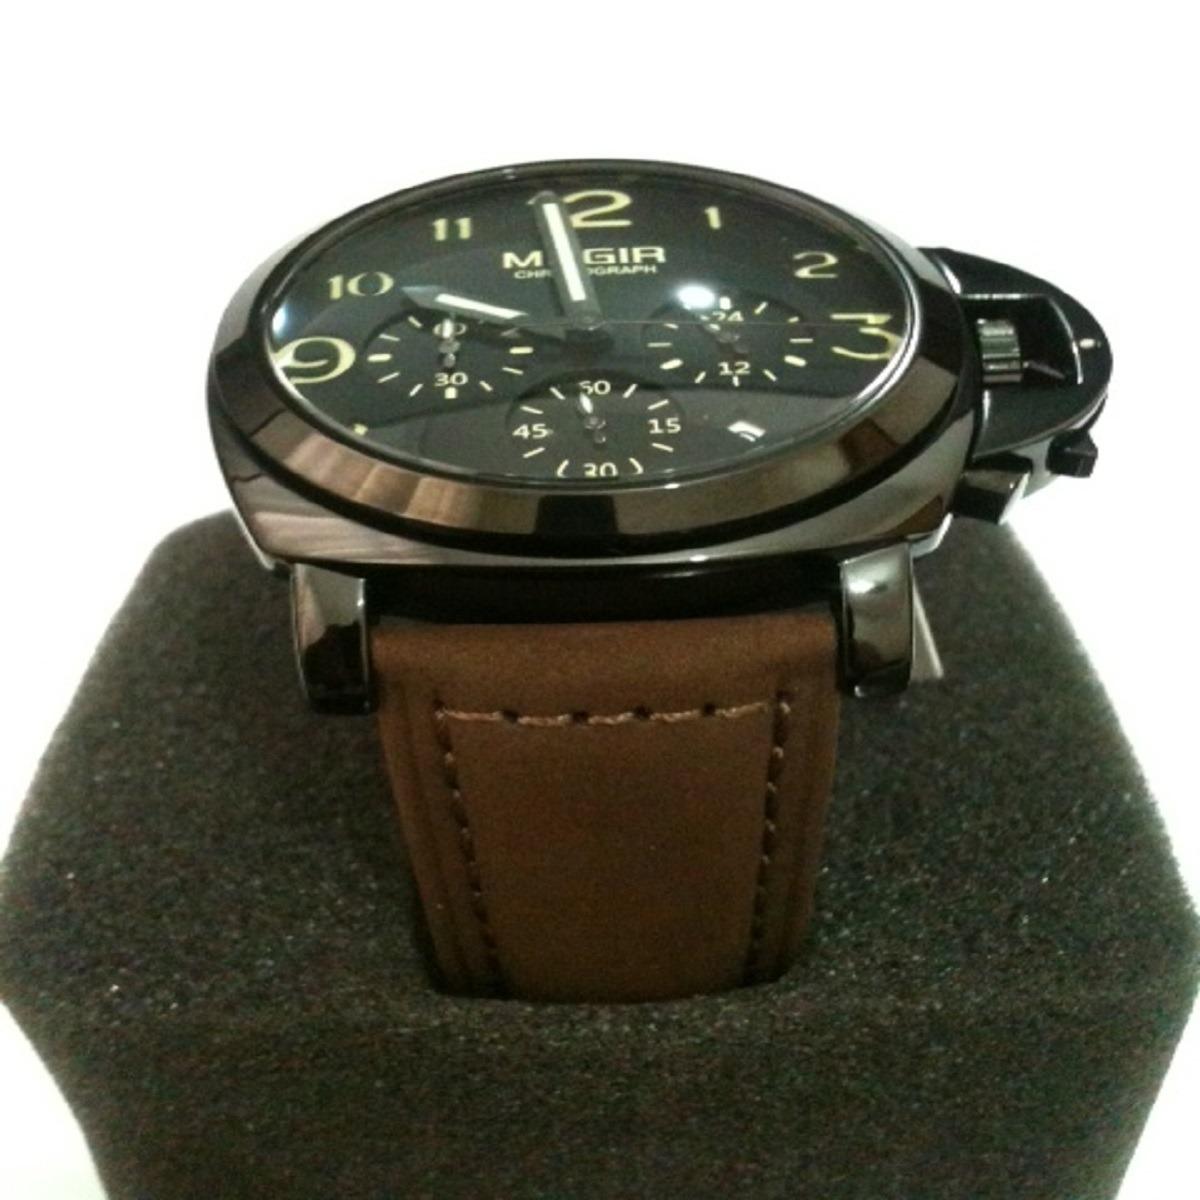 0f532f55402 relógio masculino edportivo original couro megir 3406. Carregando zoom.